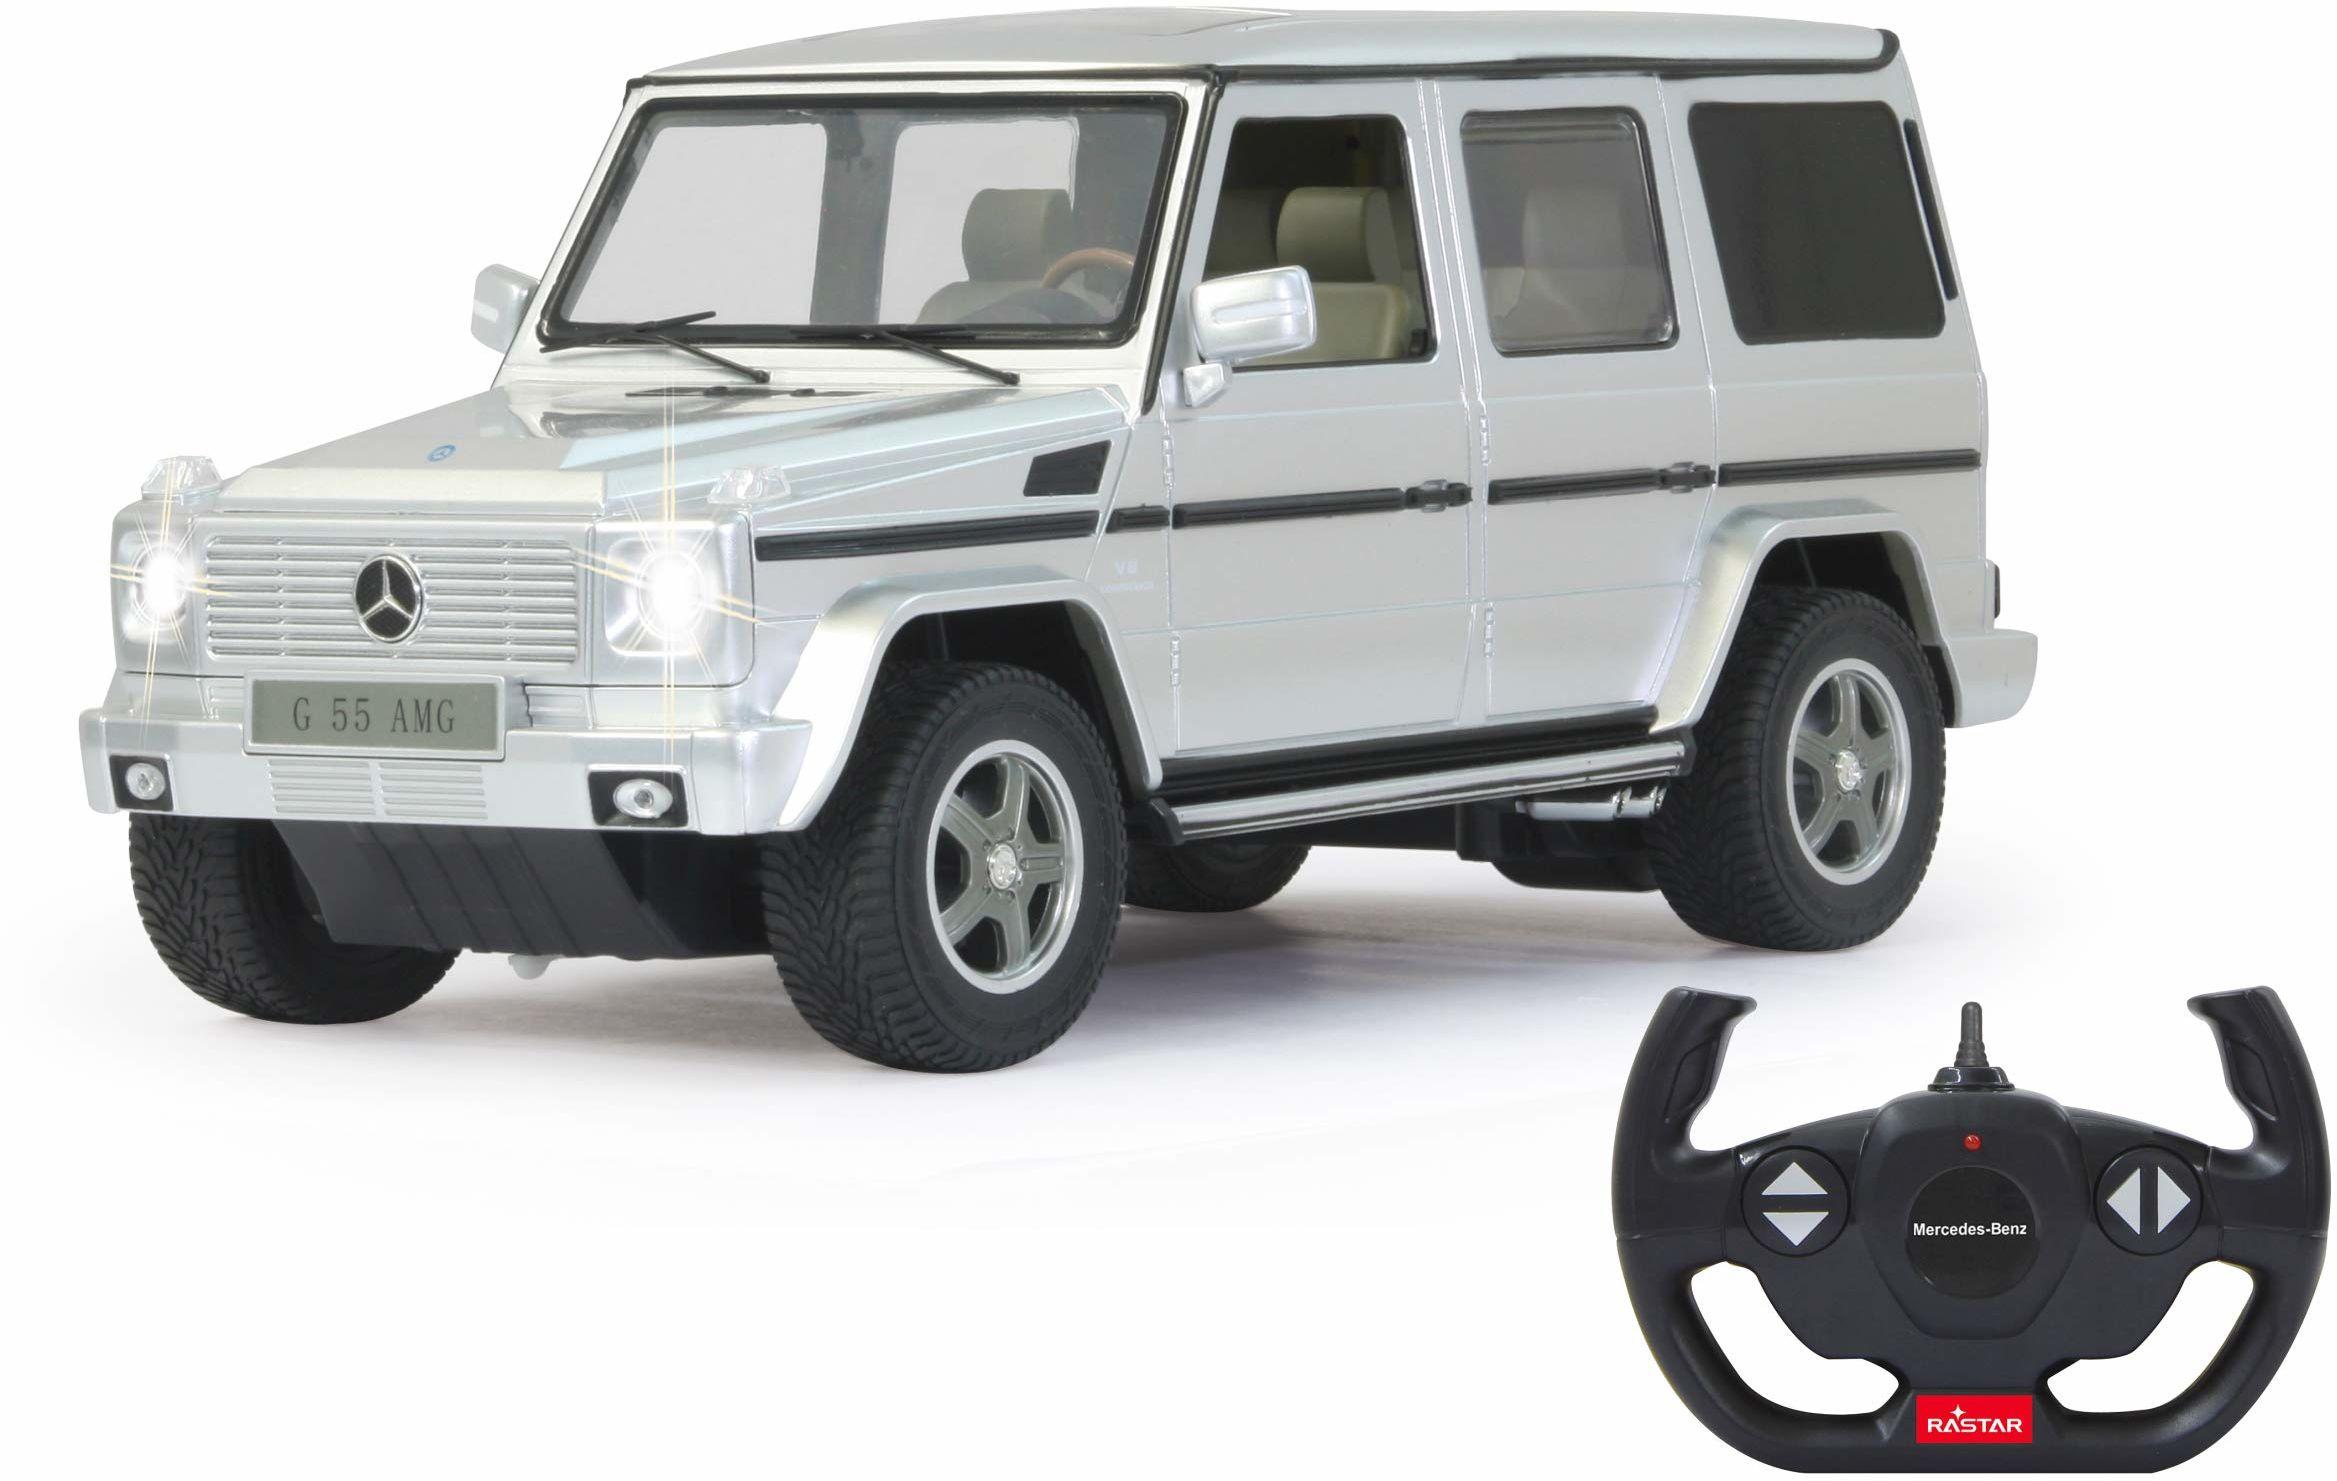 Jamara 403911 Mercedes-Benz G55 AMG 1:14 40 MHz, oficjalnie licencjonowana, do 1 godz. czasu jazdy przy 11 km/h, LED, idealnie odwzorowane szczegóły, szczegółowe wnętrze, wysokiej jakości wykonanie